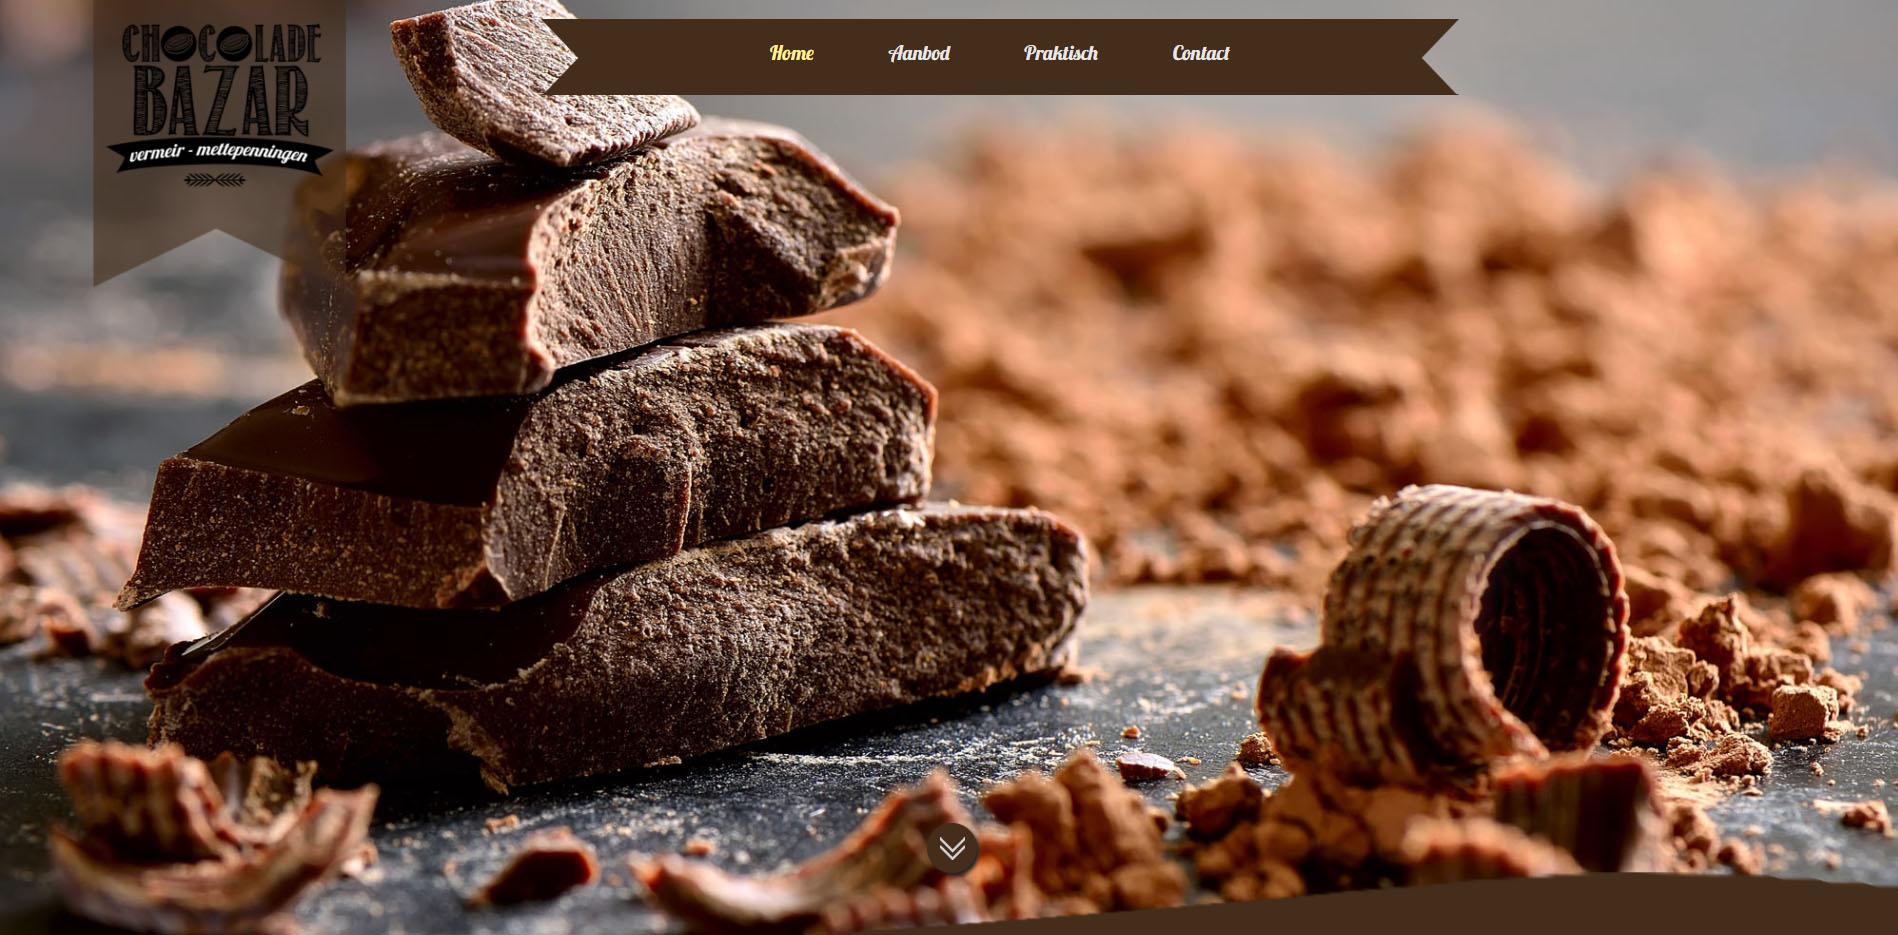 Chocolade Bazar